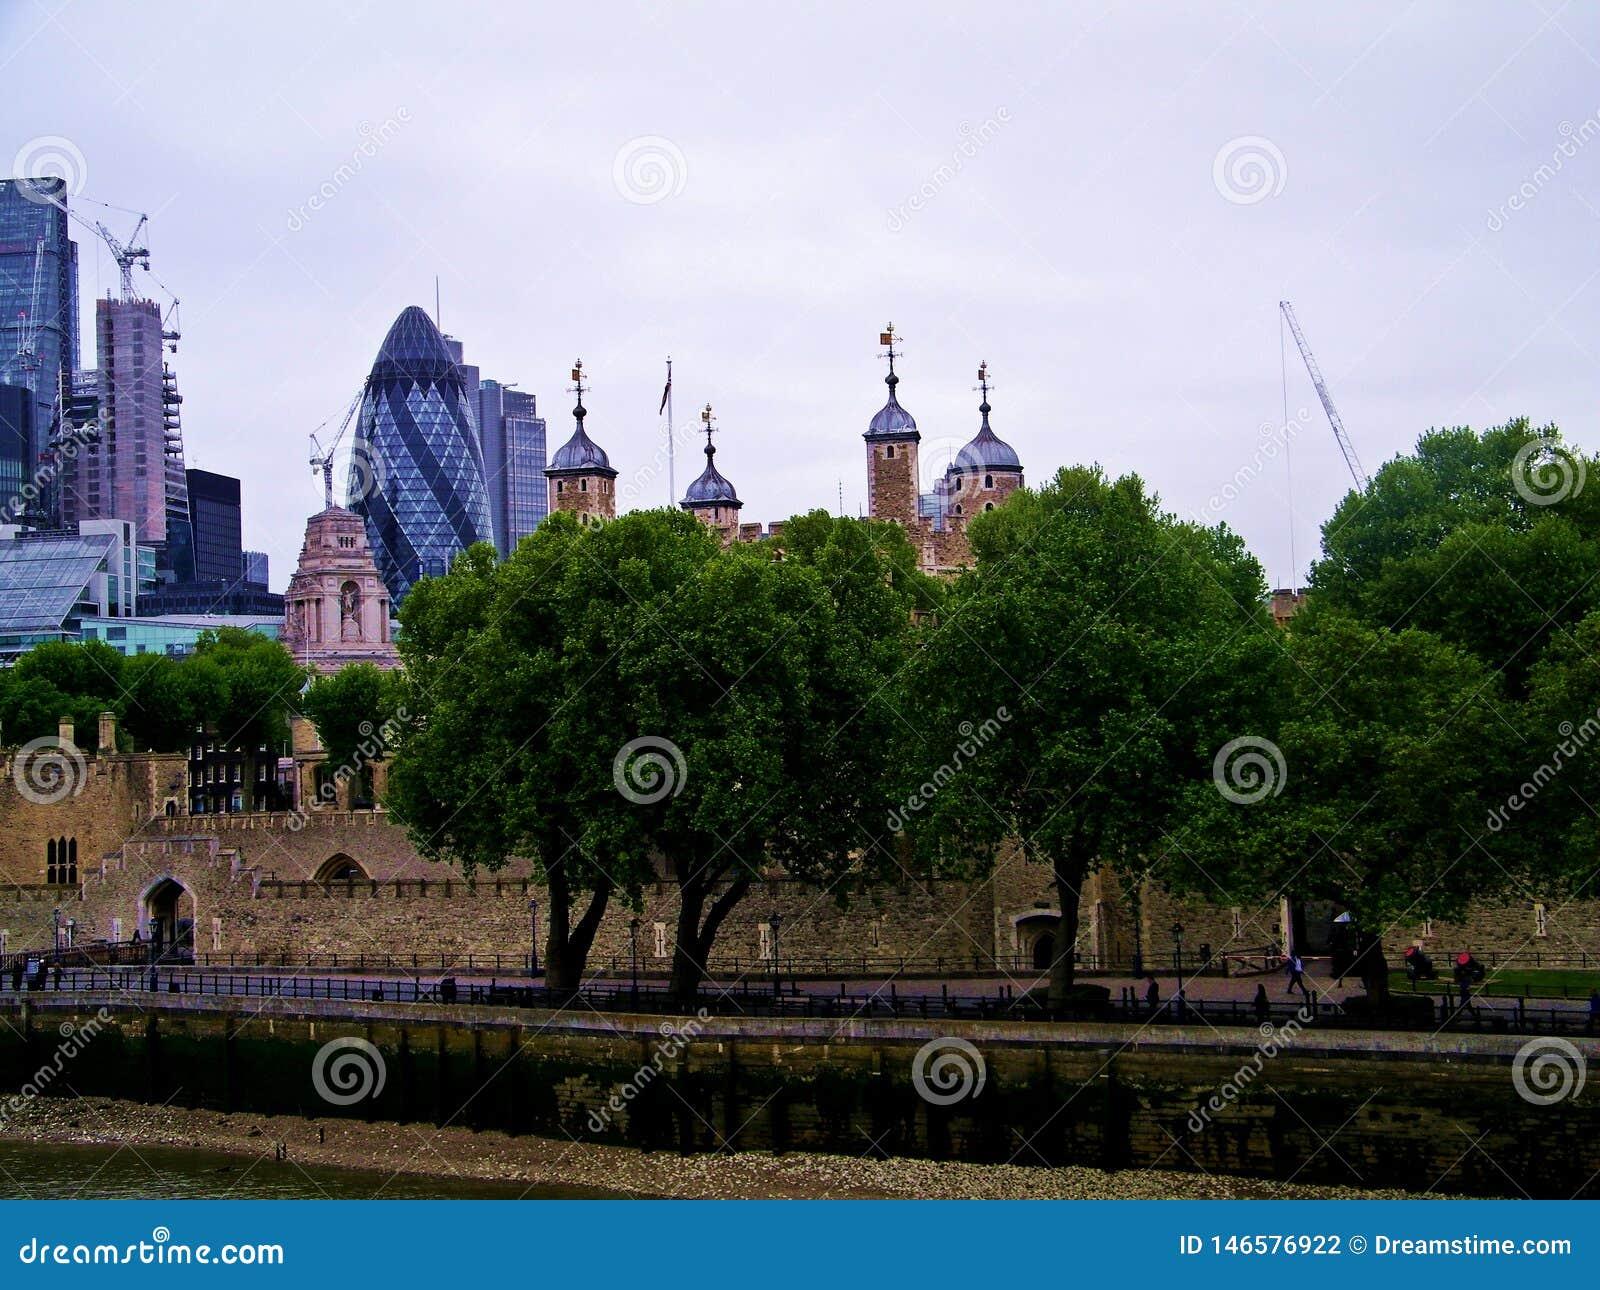 伦敦,塔,伦敦塔桥